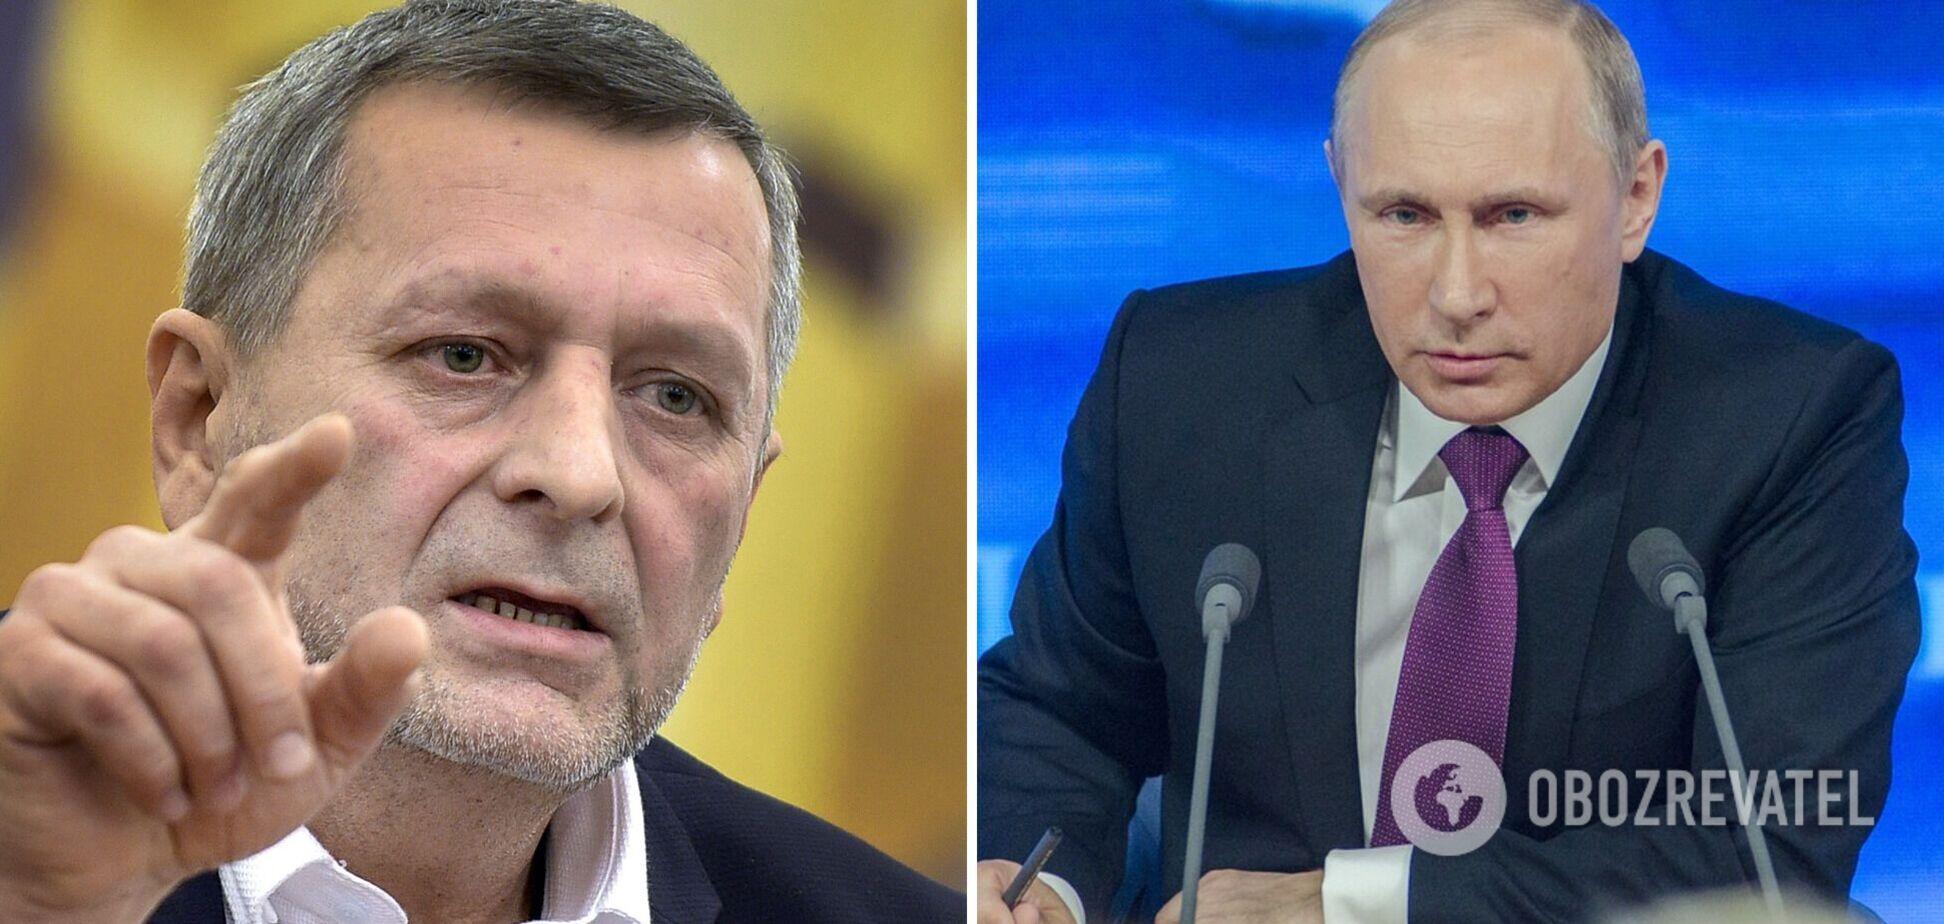 Чийгоз – об угрозе агрессии со стороны РФ: мы имеем дело с таким чудовищем, как Путин